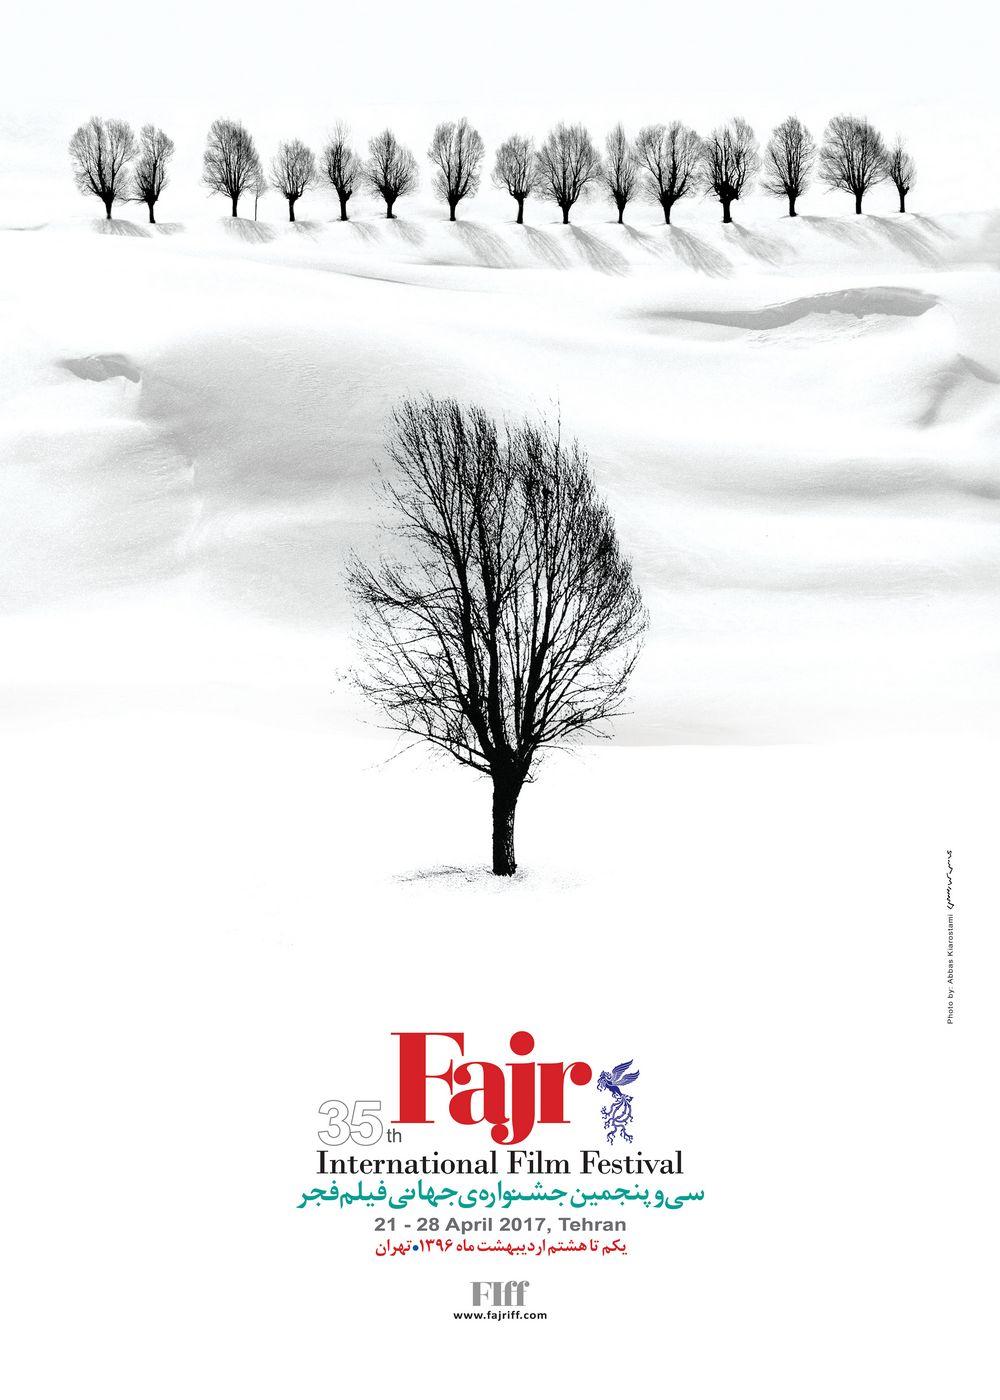 آثار برگزیده سینمای جهان در جدول روز پنجم جشنواره جهانی